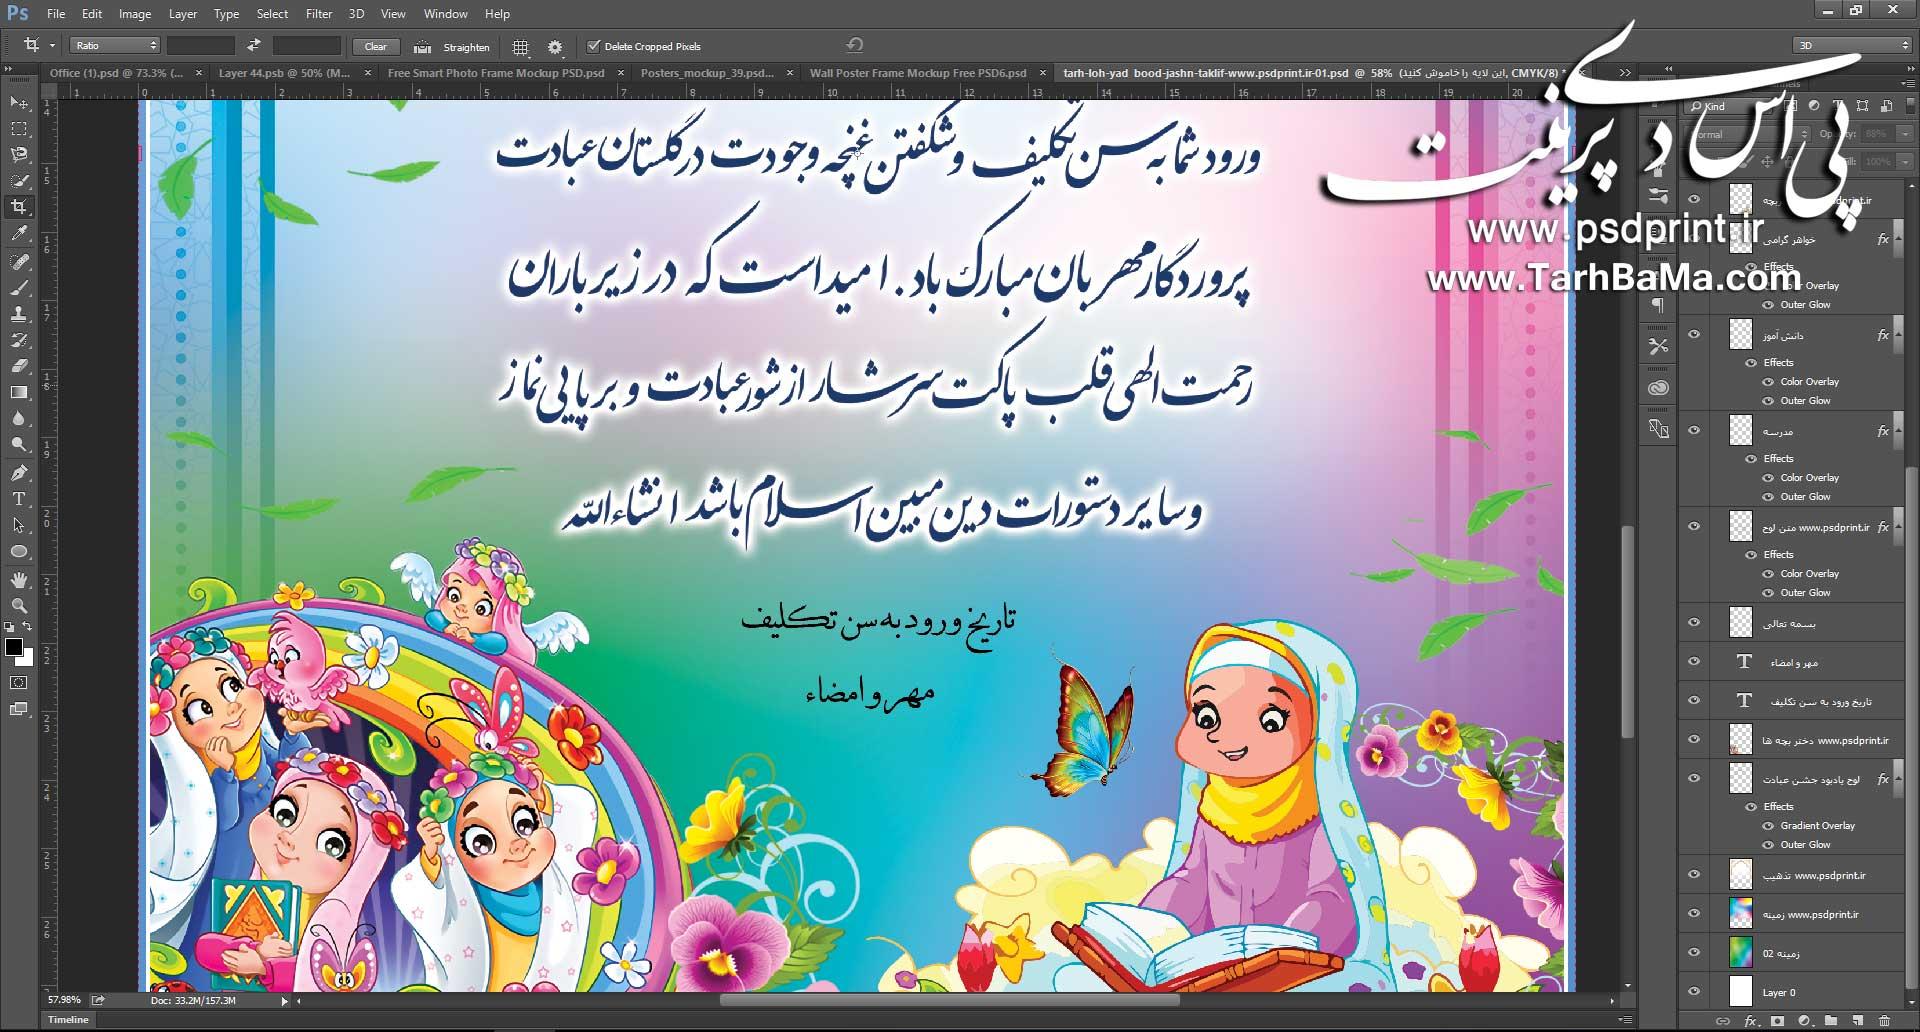 لوح تقدیر جشن تکلیف دختران